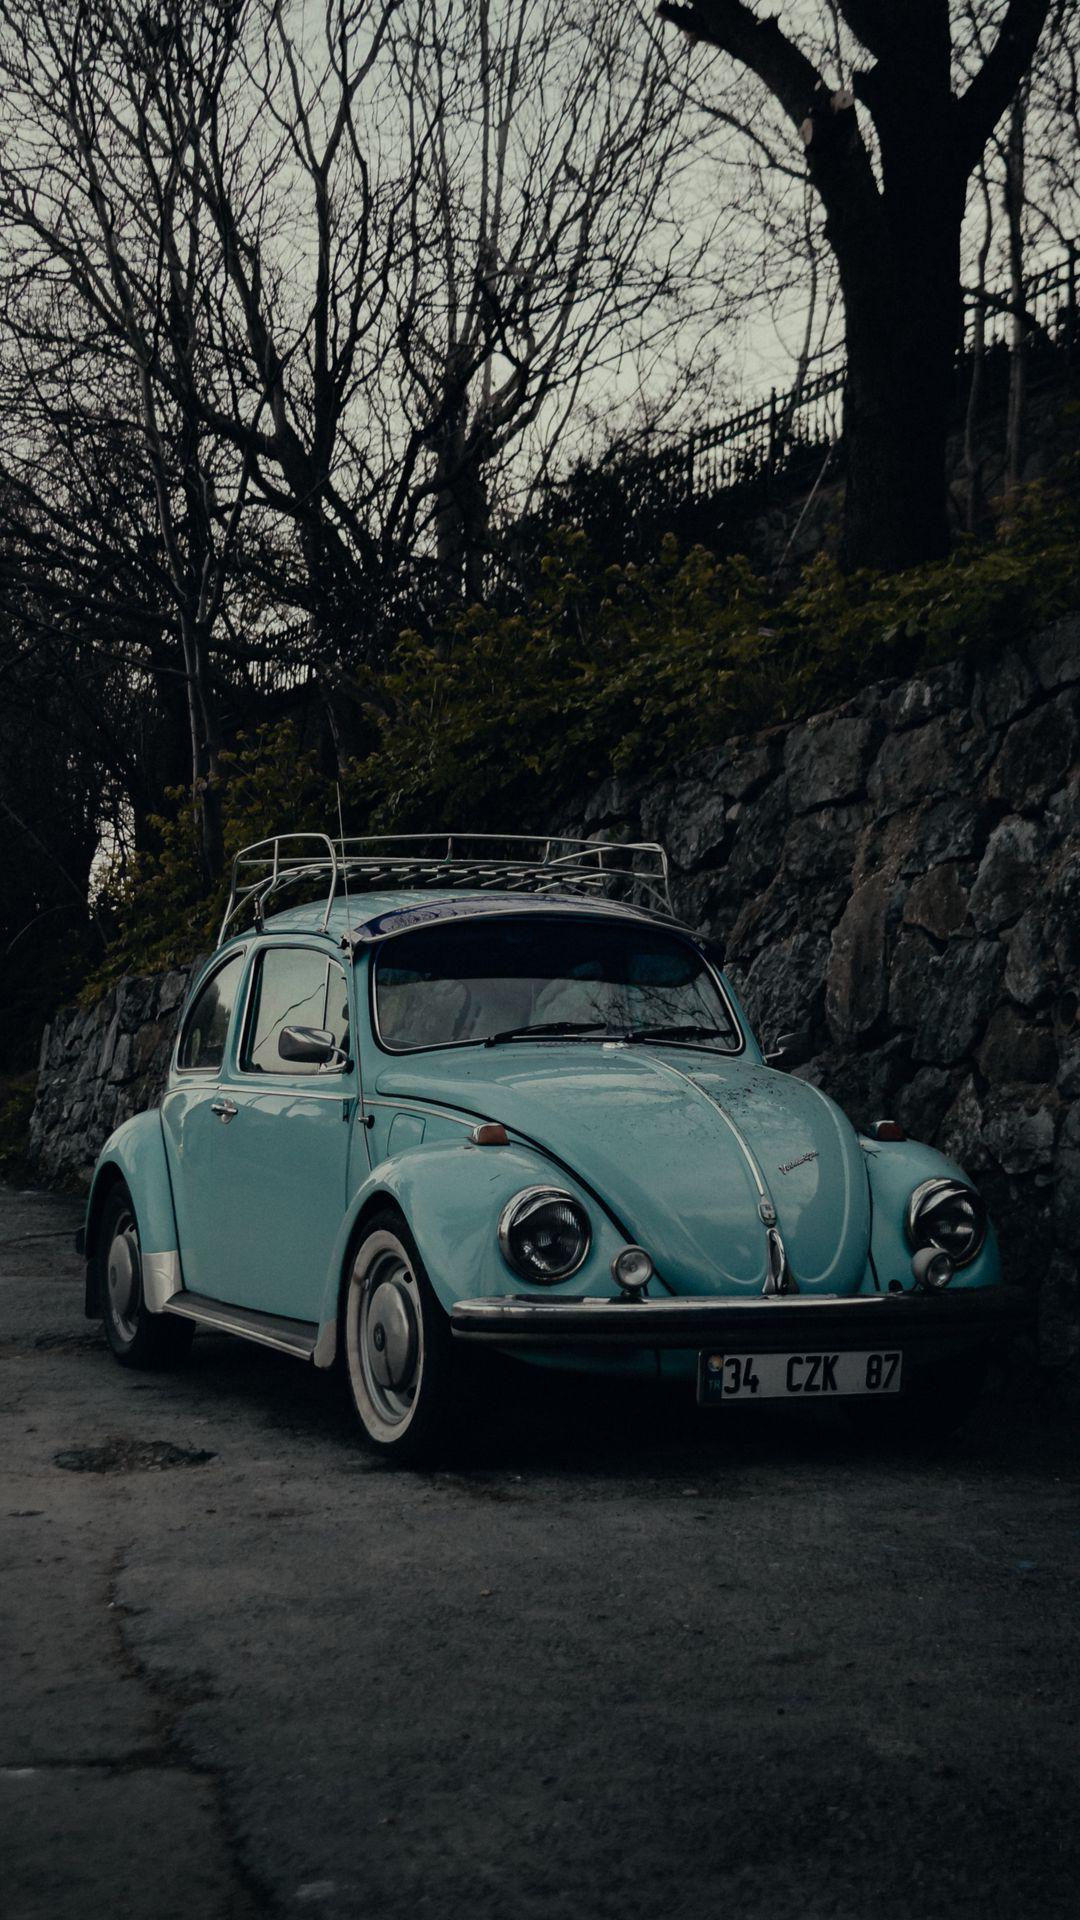 Volkswagen Beetle Background Wallpapers Free Download